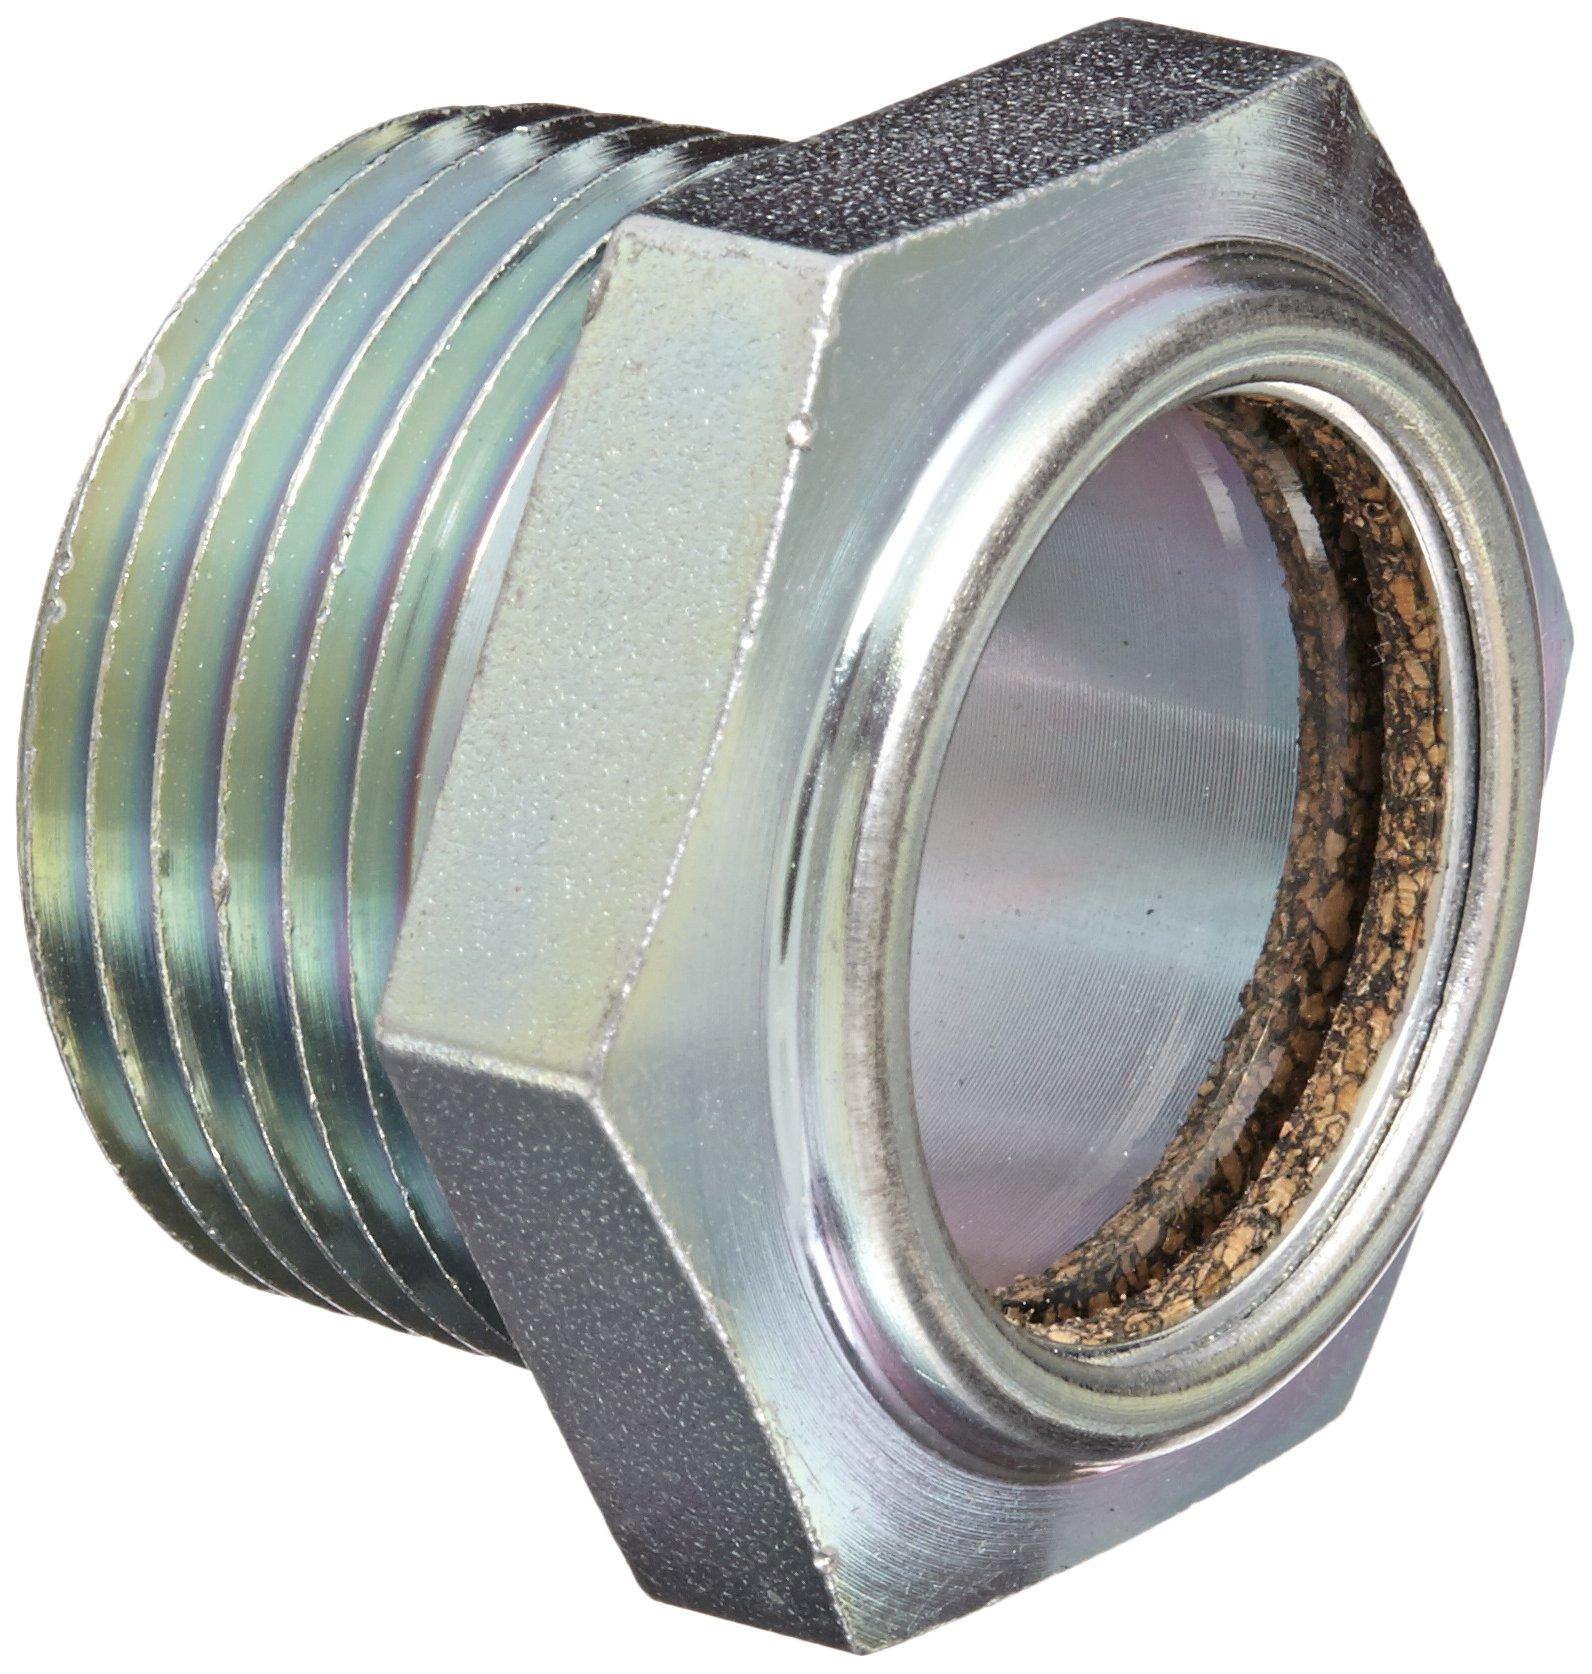 Gits 04043 BW-10 Porthole Gauge with Open Back , 1 ~ 11-1/2